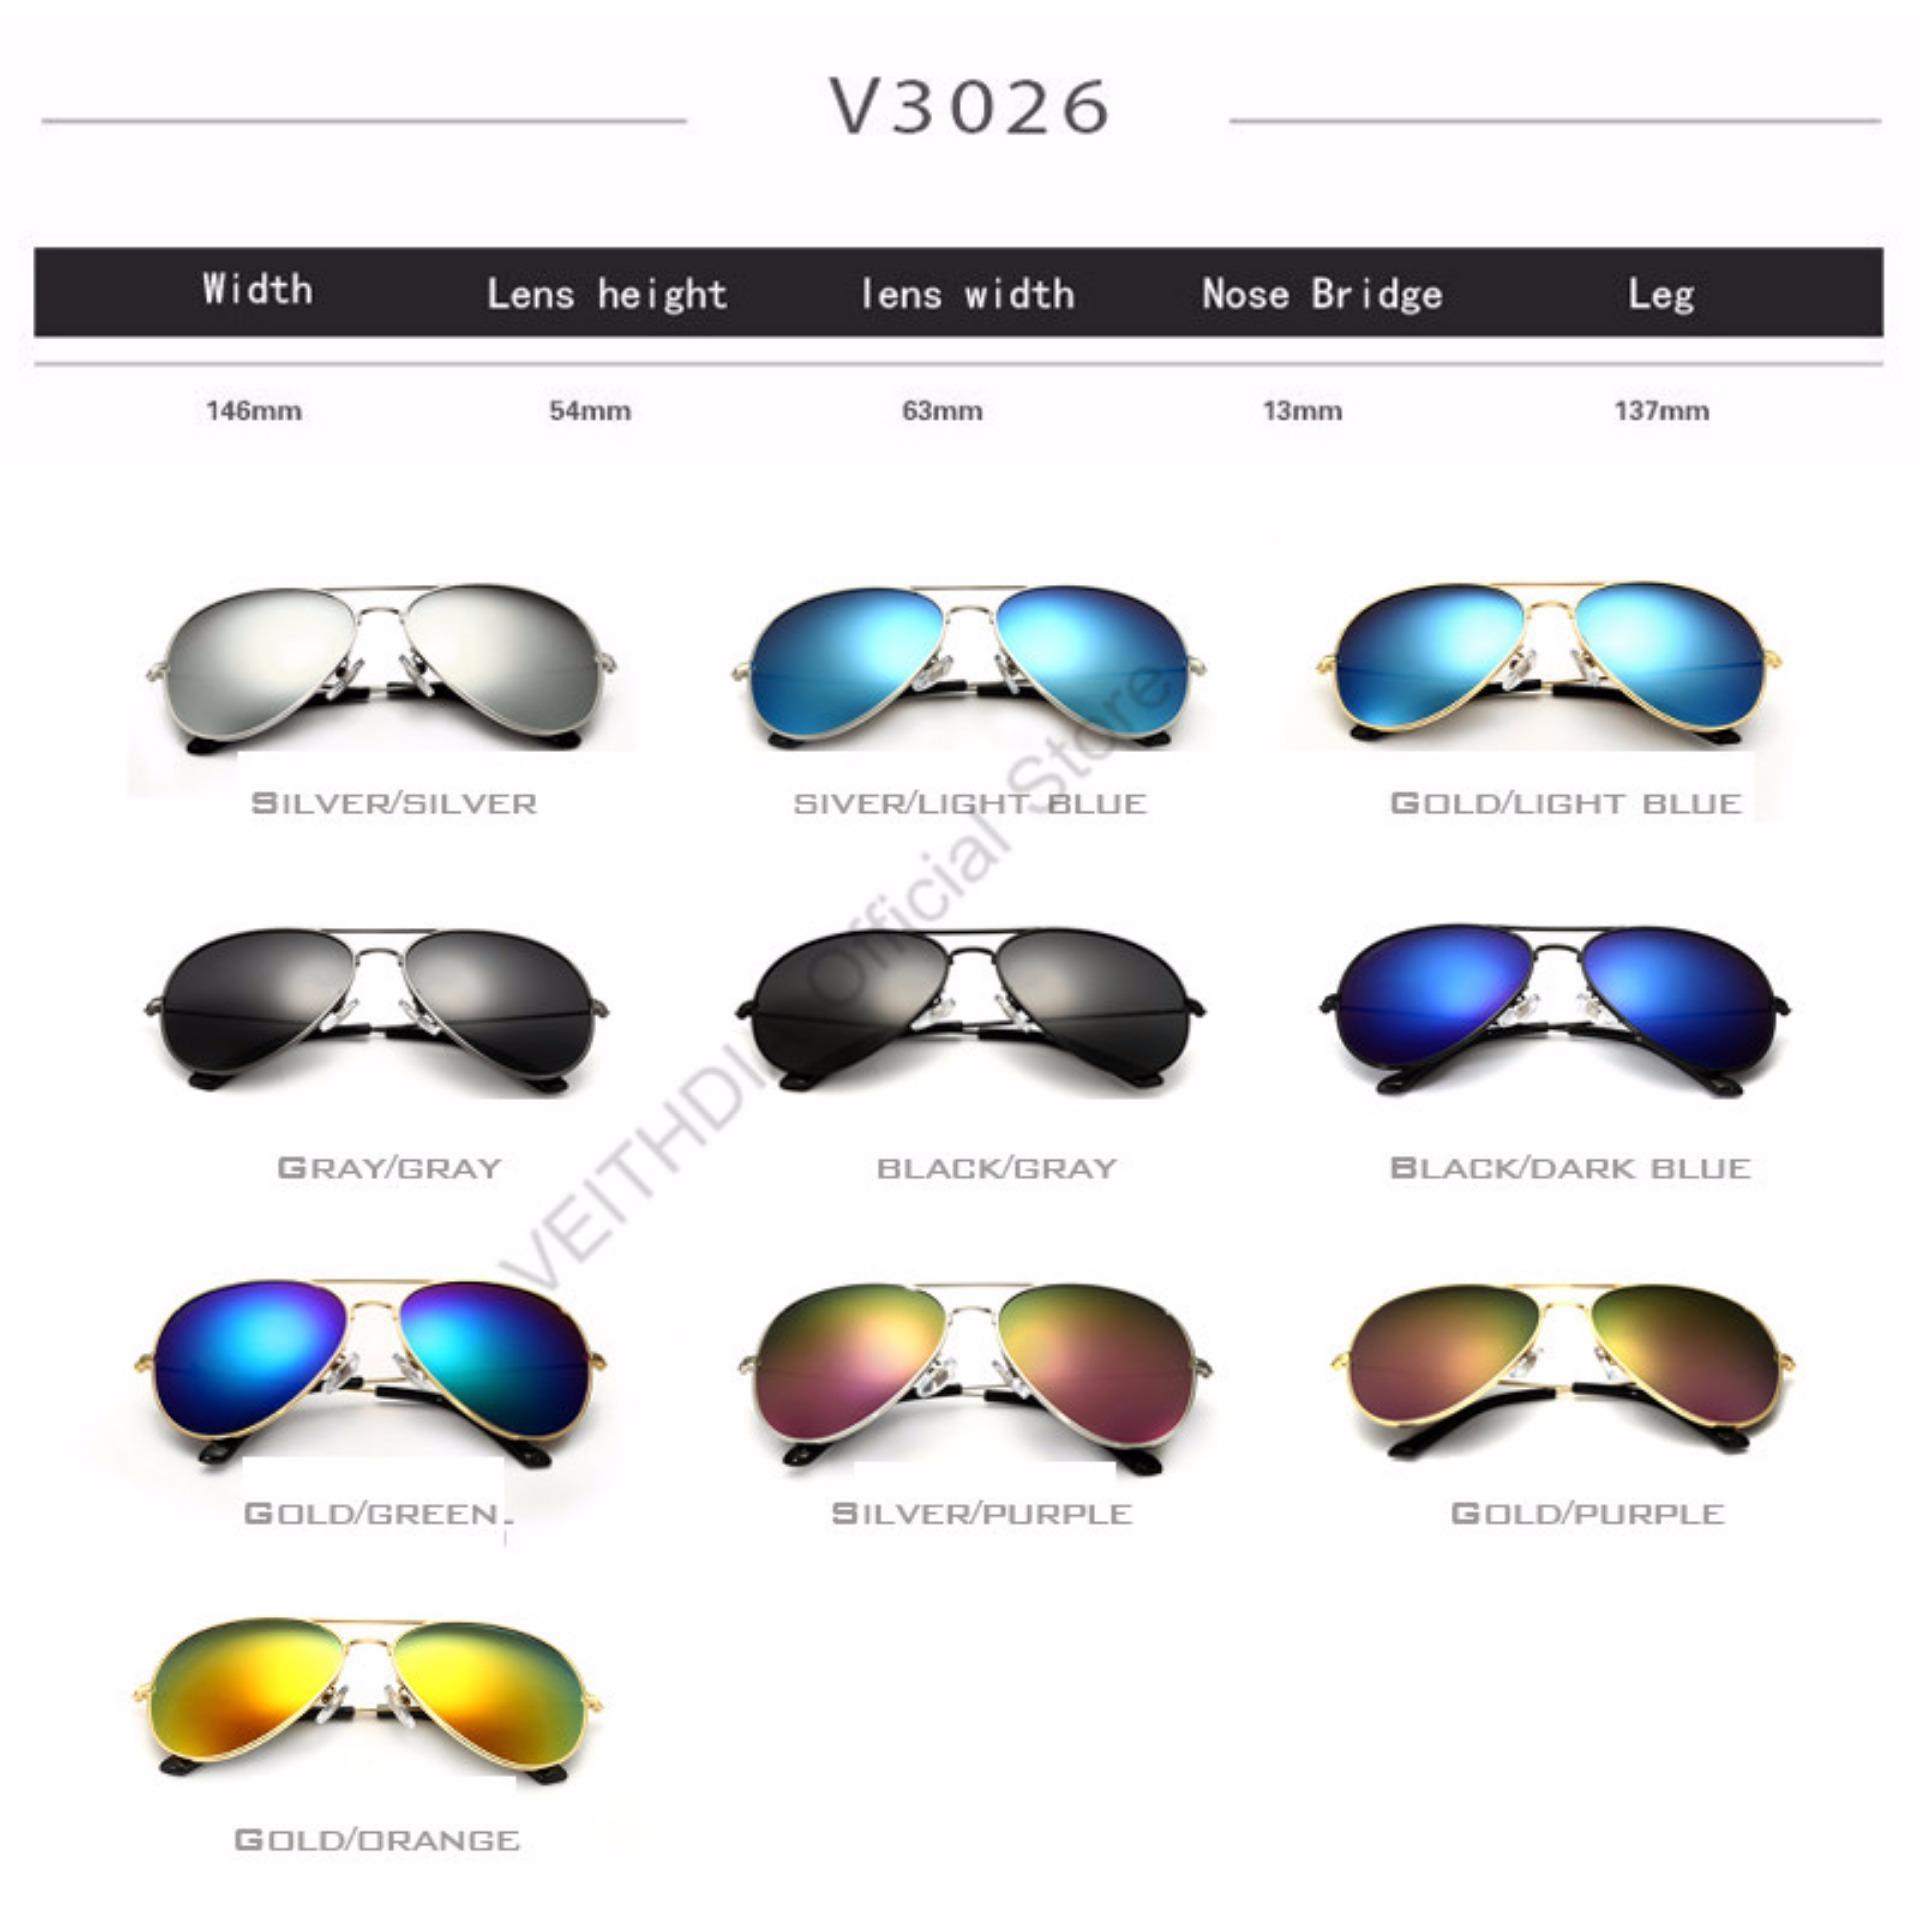 ... VEITHDIA merek fashion klasik pria wanita terpolarisasi kacamata hitam warna lapisan reflektif aksesoris kacamata lensa